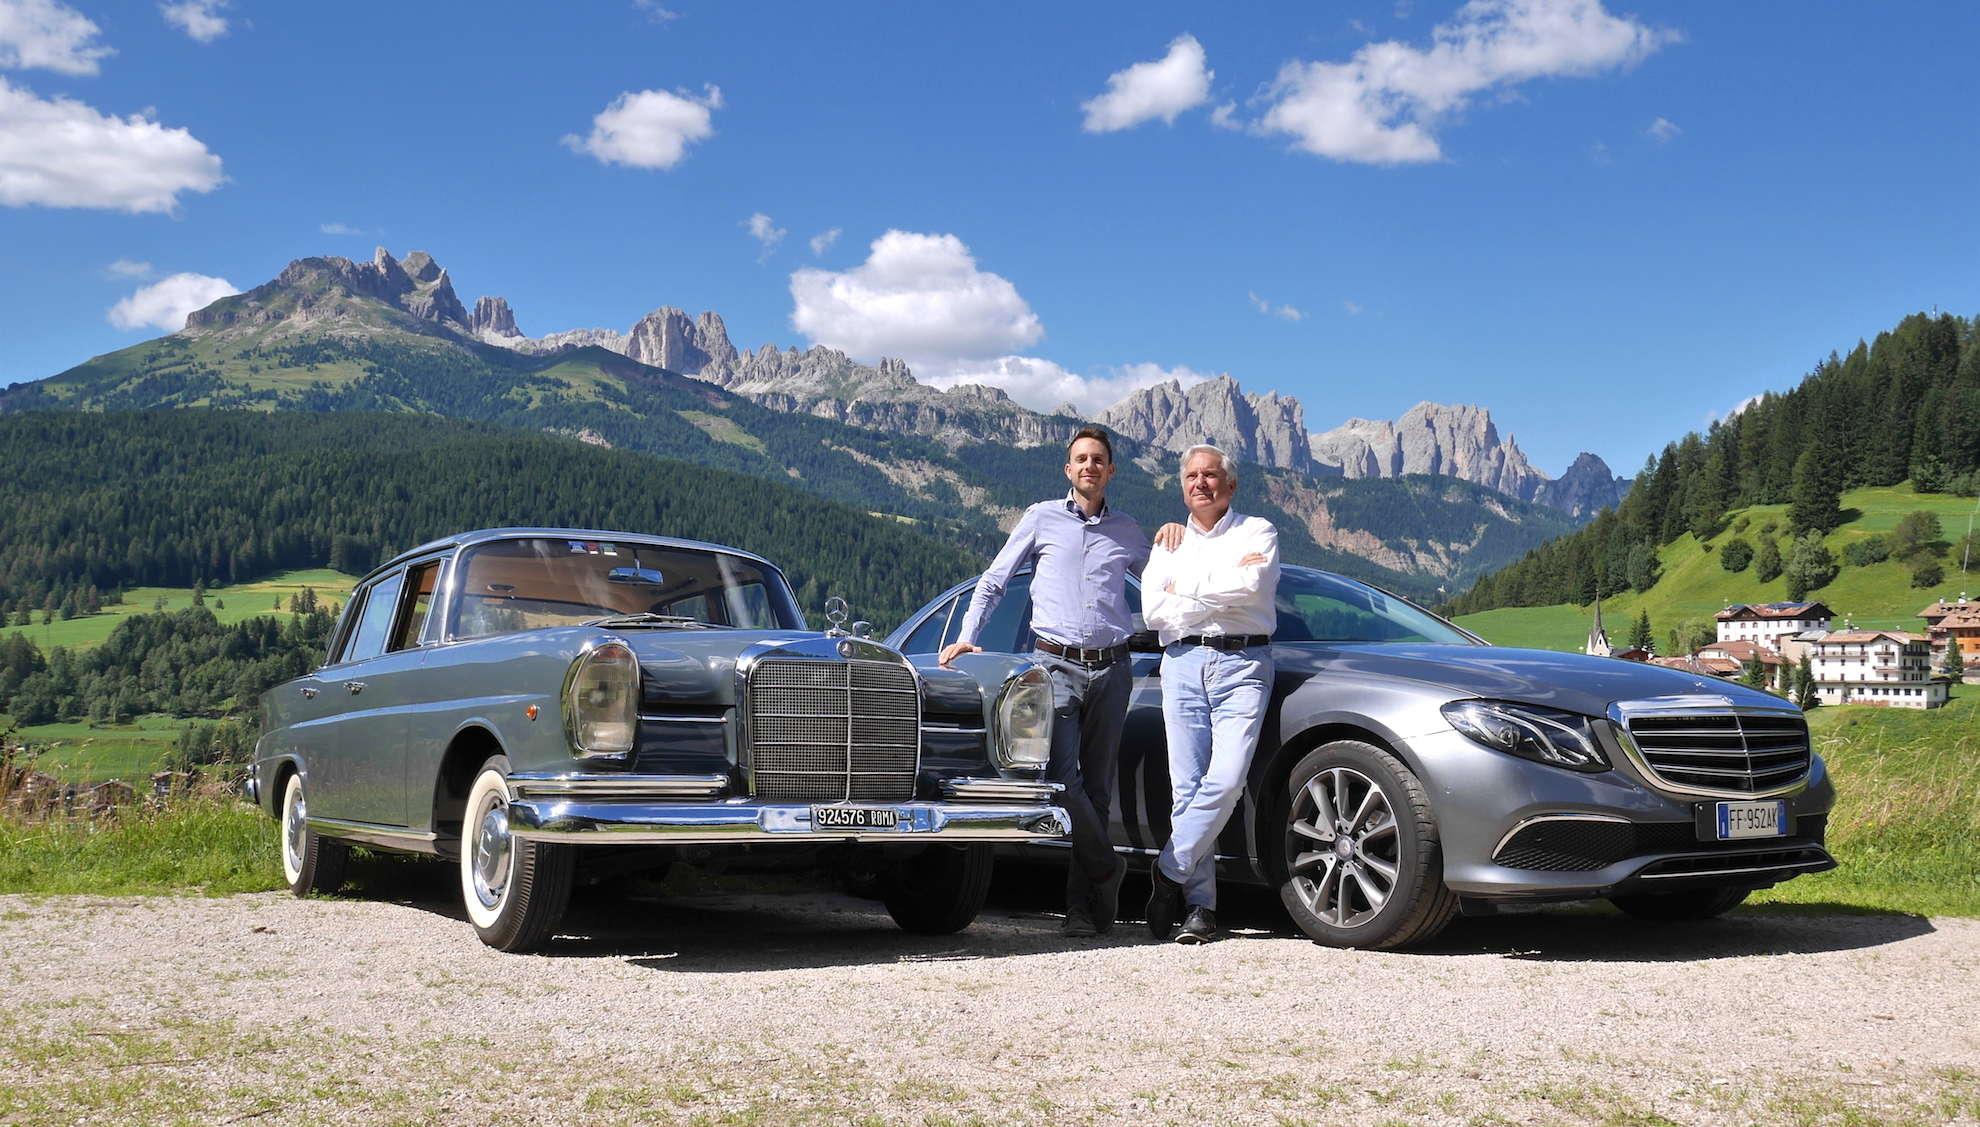 Foto scattata a Moena di due autovetture Mercedes-Benz Classe E 2016 e Classe SE d'epoca con Franco e Cesare Desilvestro